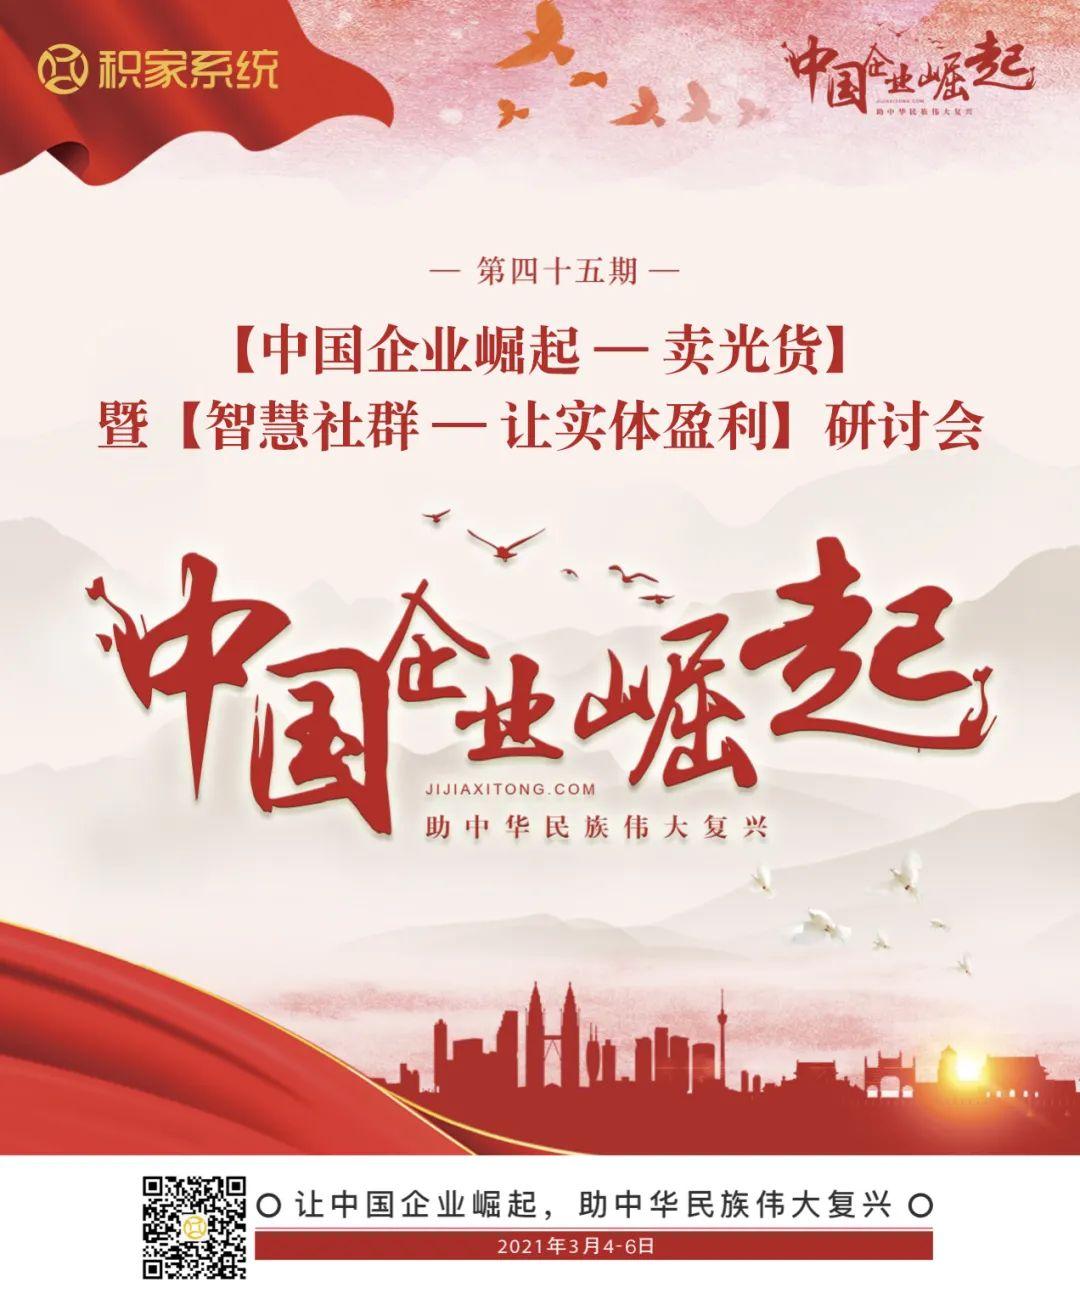 开会通知丨积家系统第四十五期【中国企业崛起-卖光货】暨【智慧社群-让实体盈利】研讨会